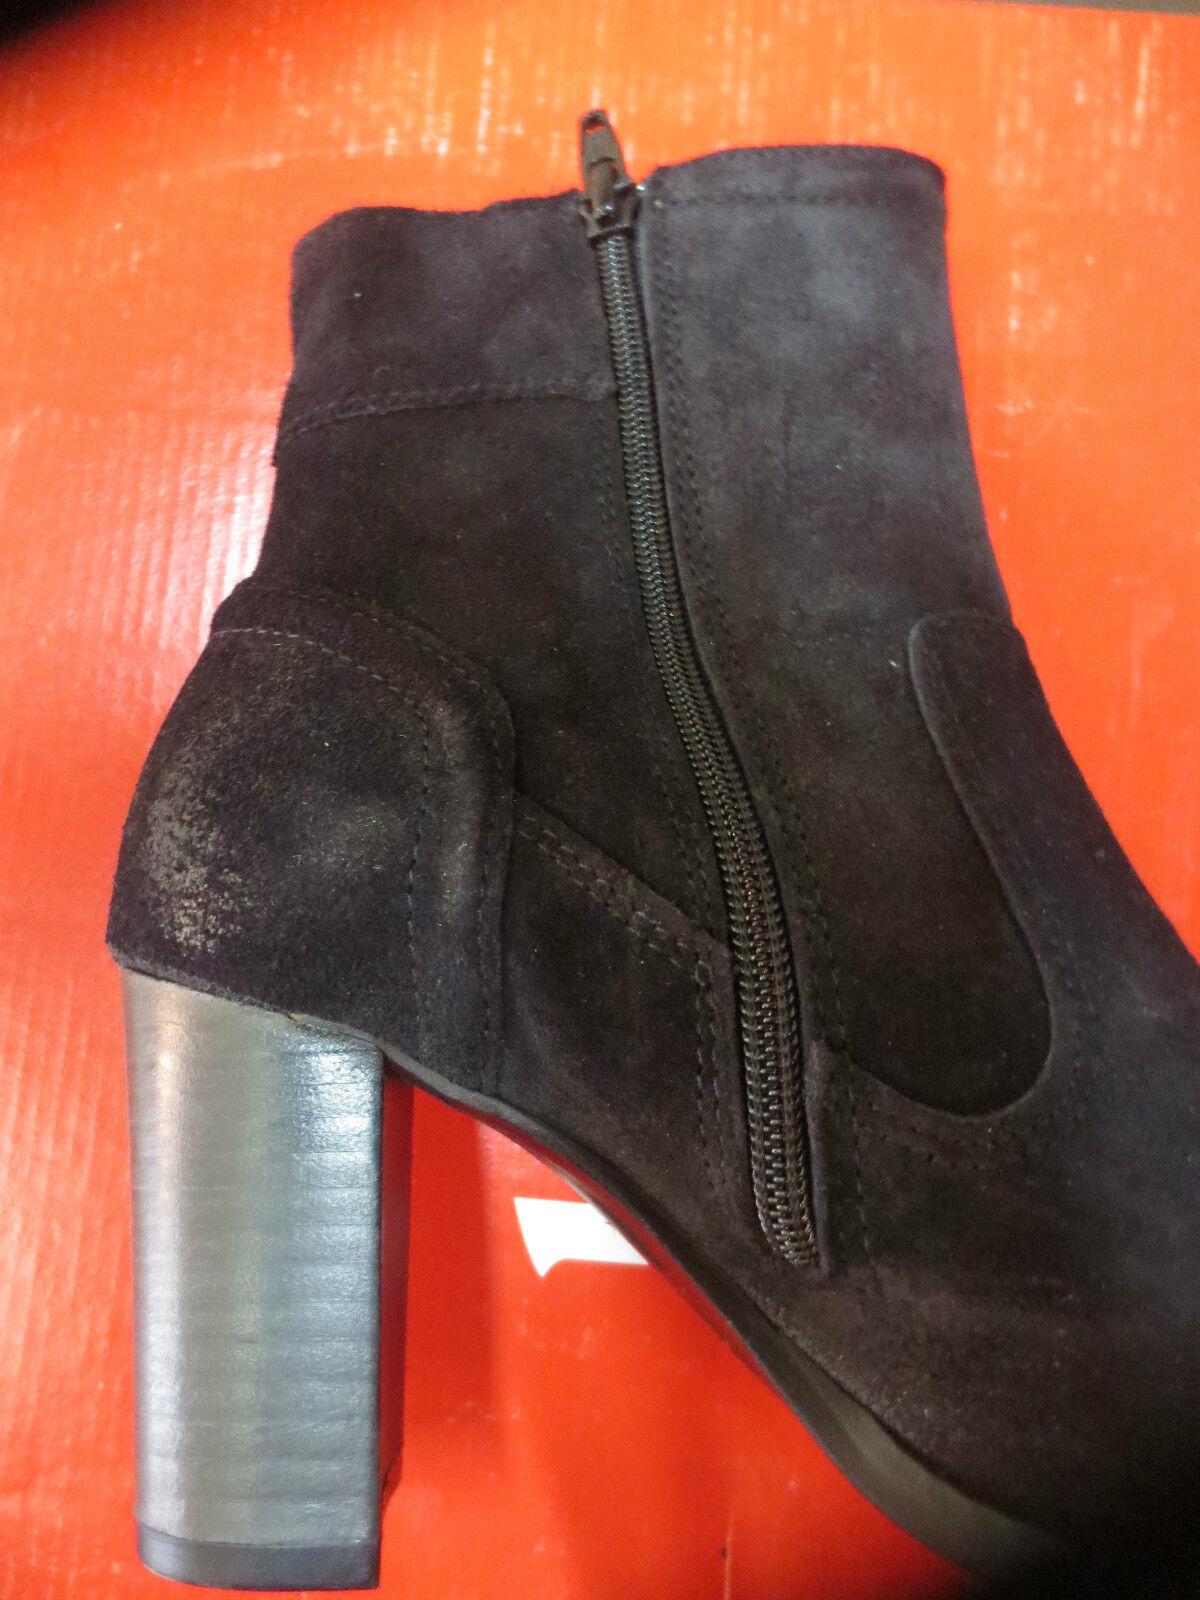 KICKERS Stiefel cuir velour noire Talon 7cm NEUVE NEUVE 7cm Valeur 145E Pointures 37,39. 0961b2